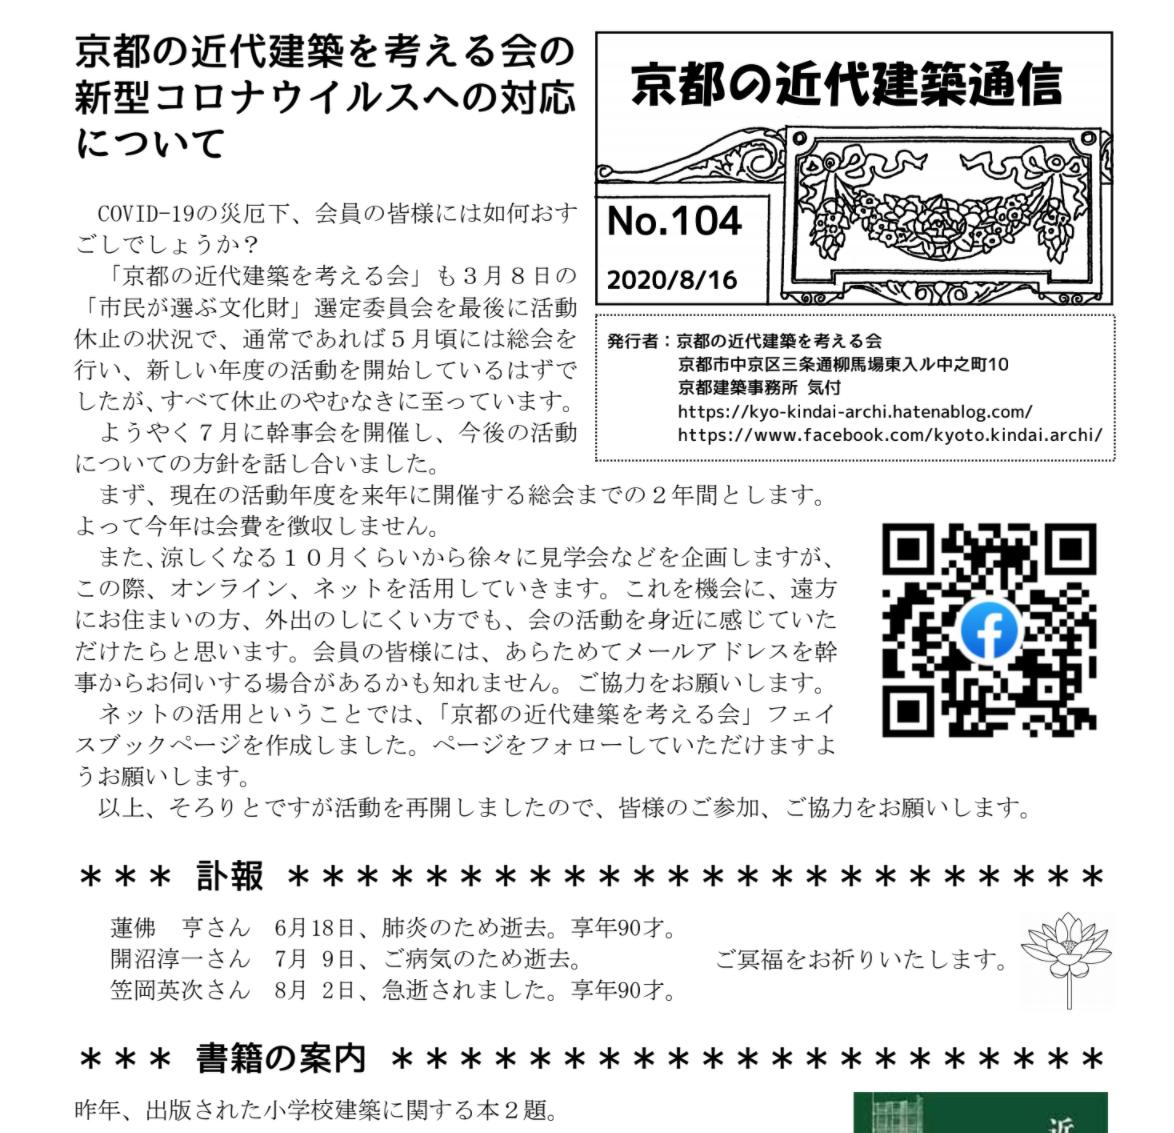 f:id:kyo-kindai-archi:20200818191045p:plain:w450